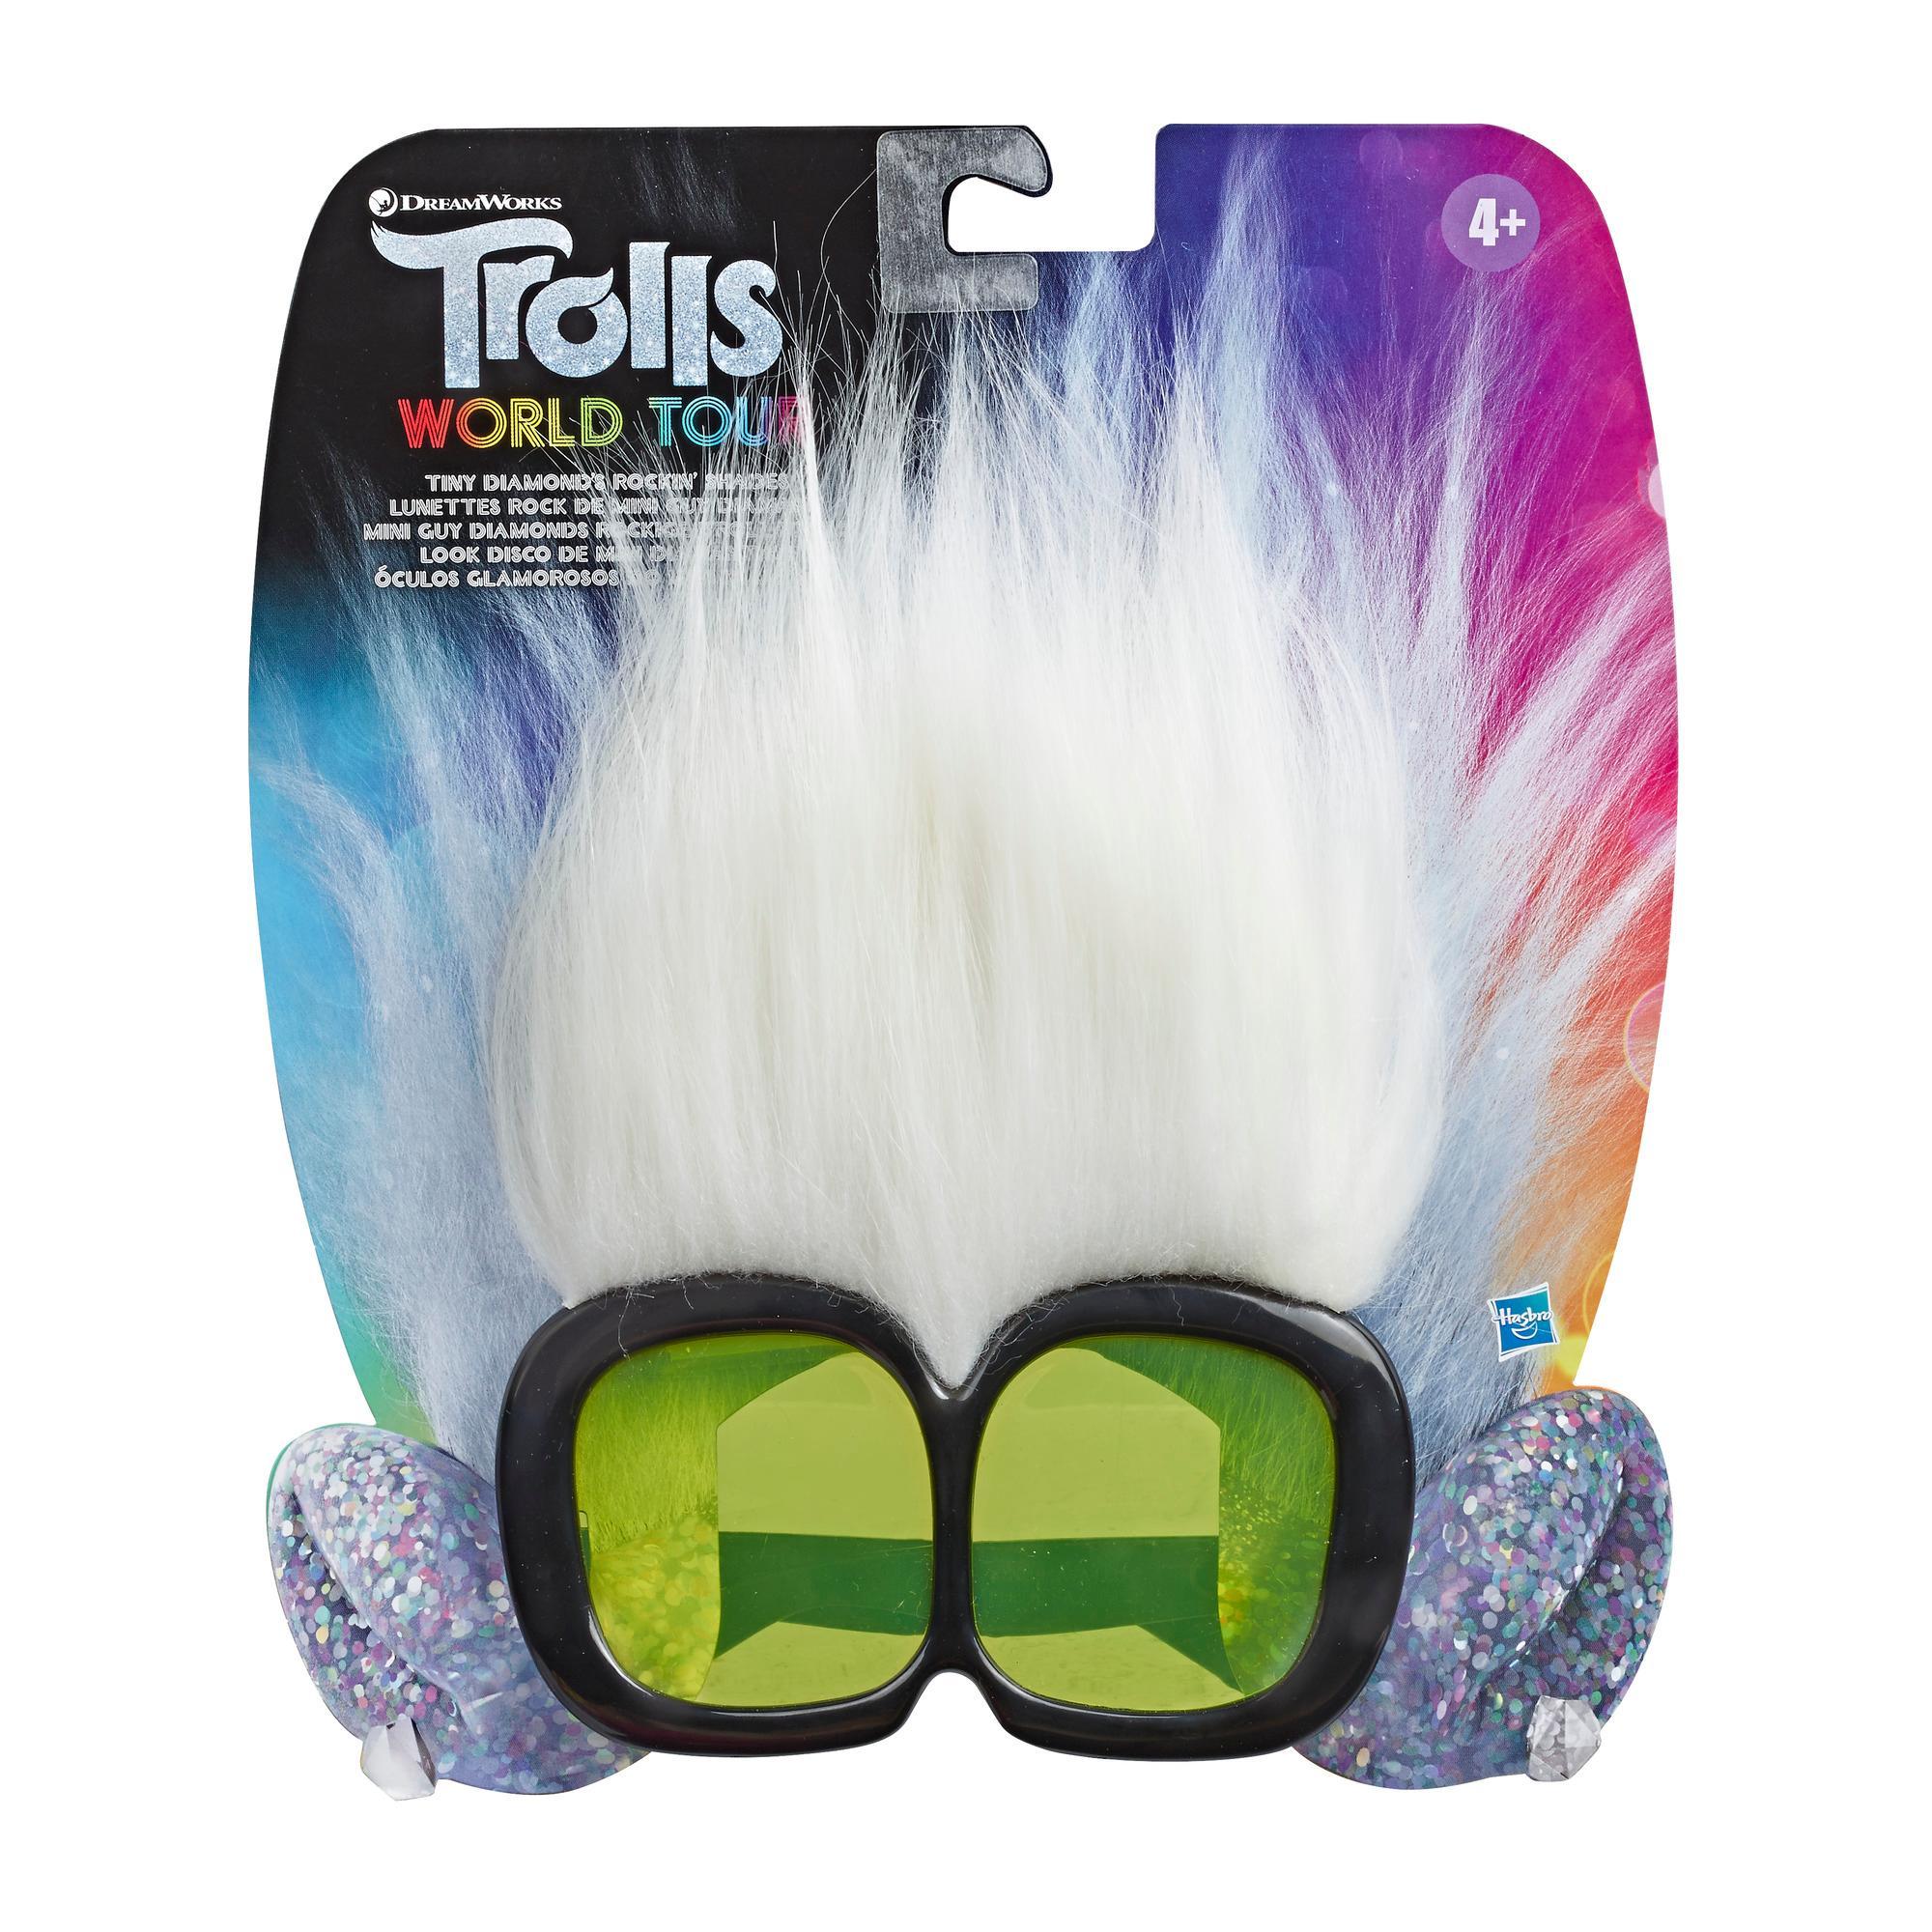 Les Trolls de DreamWorks, Lunettes rock de Mini Guy Diamant, lunettes de soleil amusantes inspirées du film Trolls World Tour